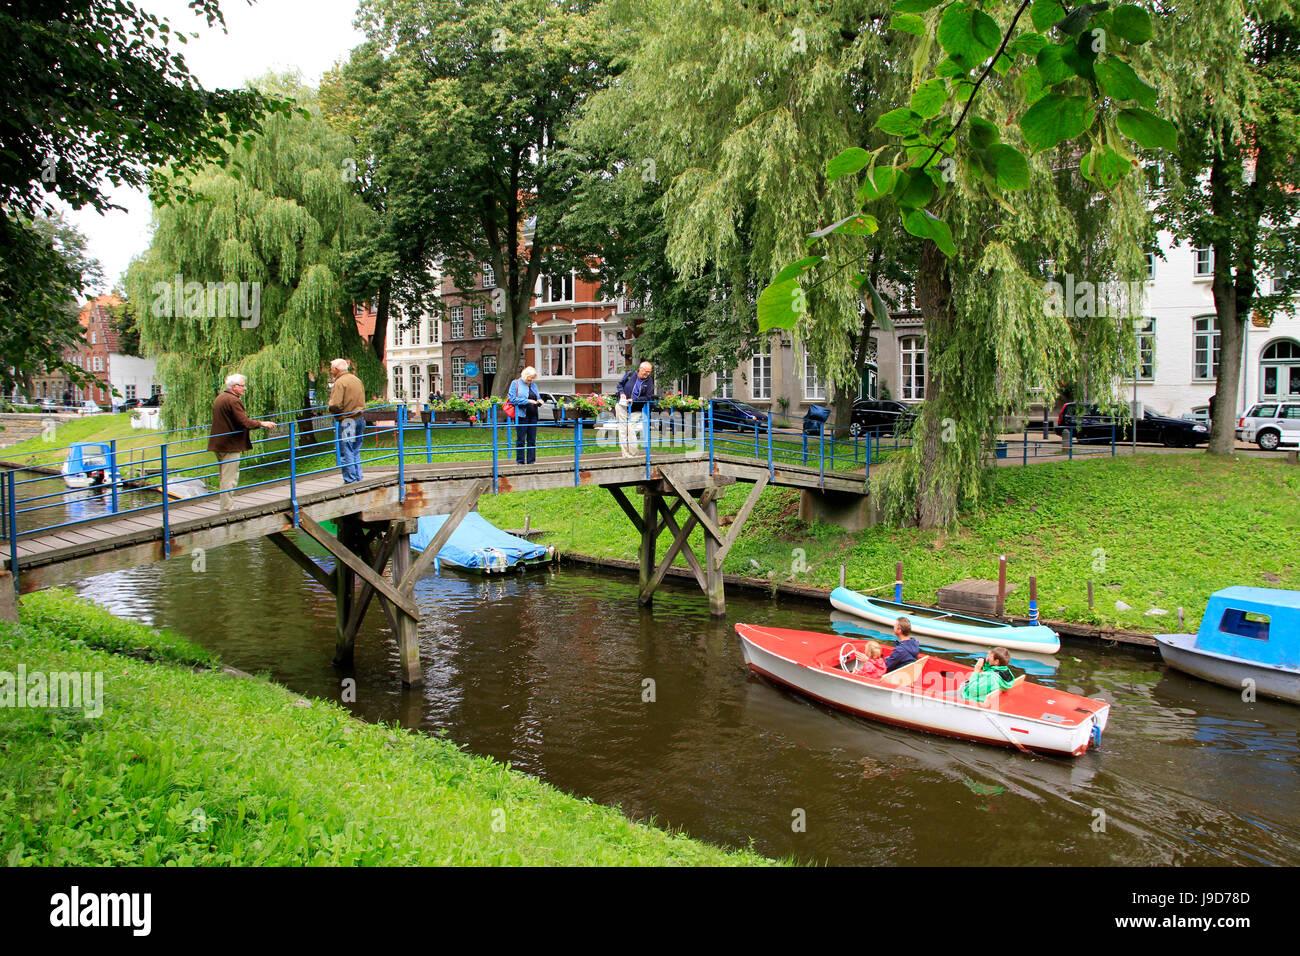 urban-canal-in-friedrichstadt-eider-schleswig-holstein-germany-europe-J9D78D.jpg